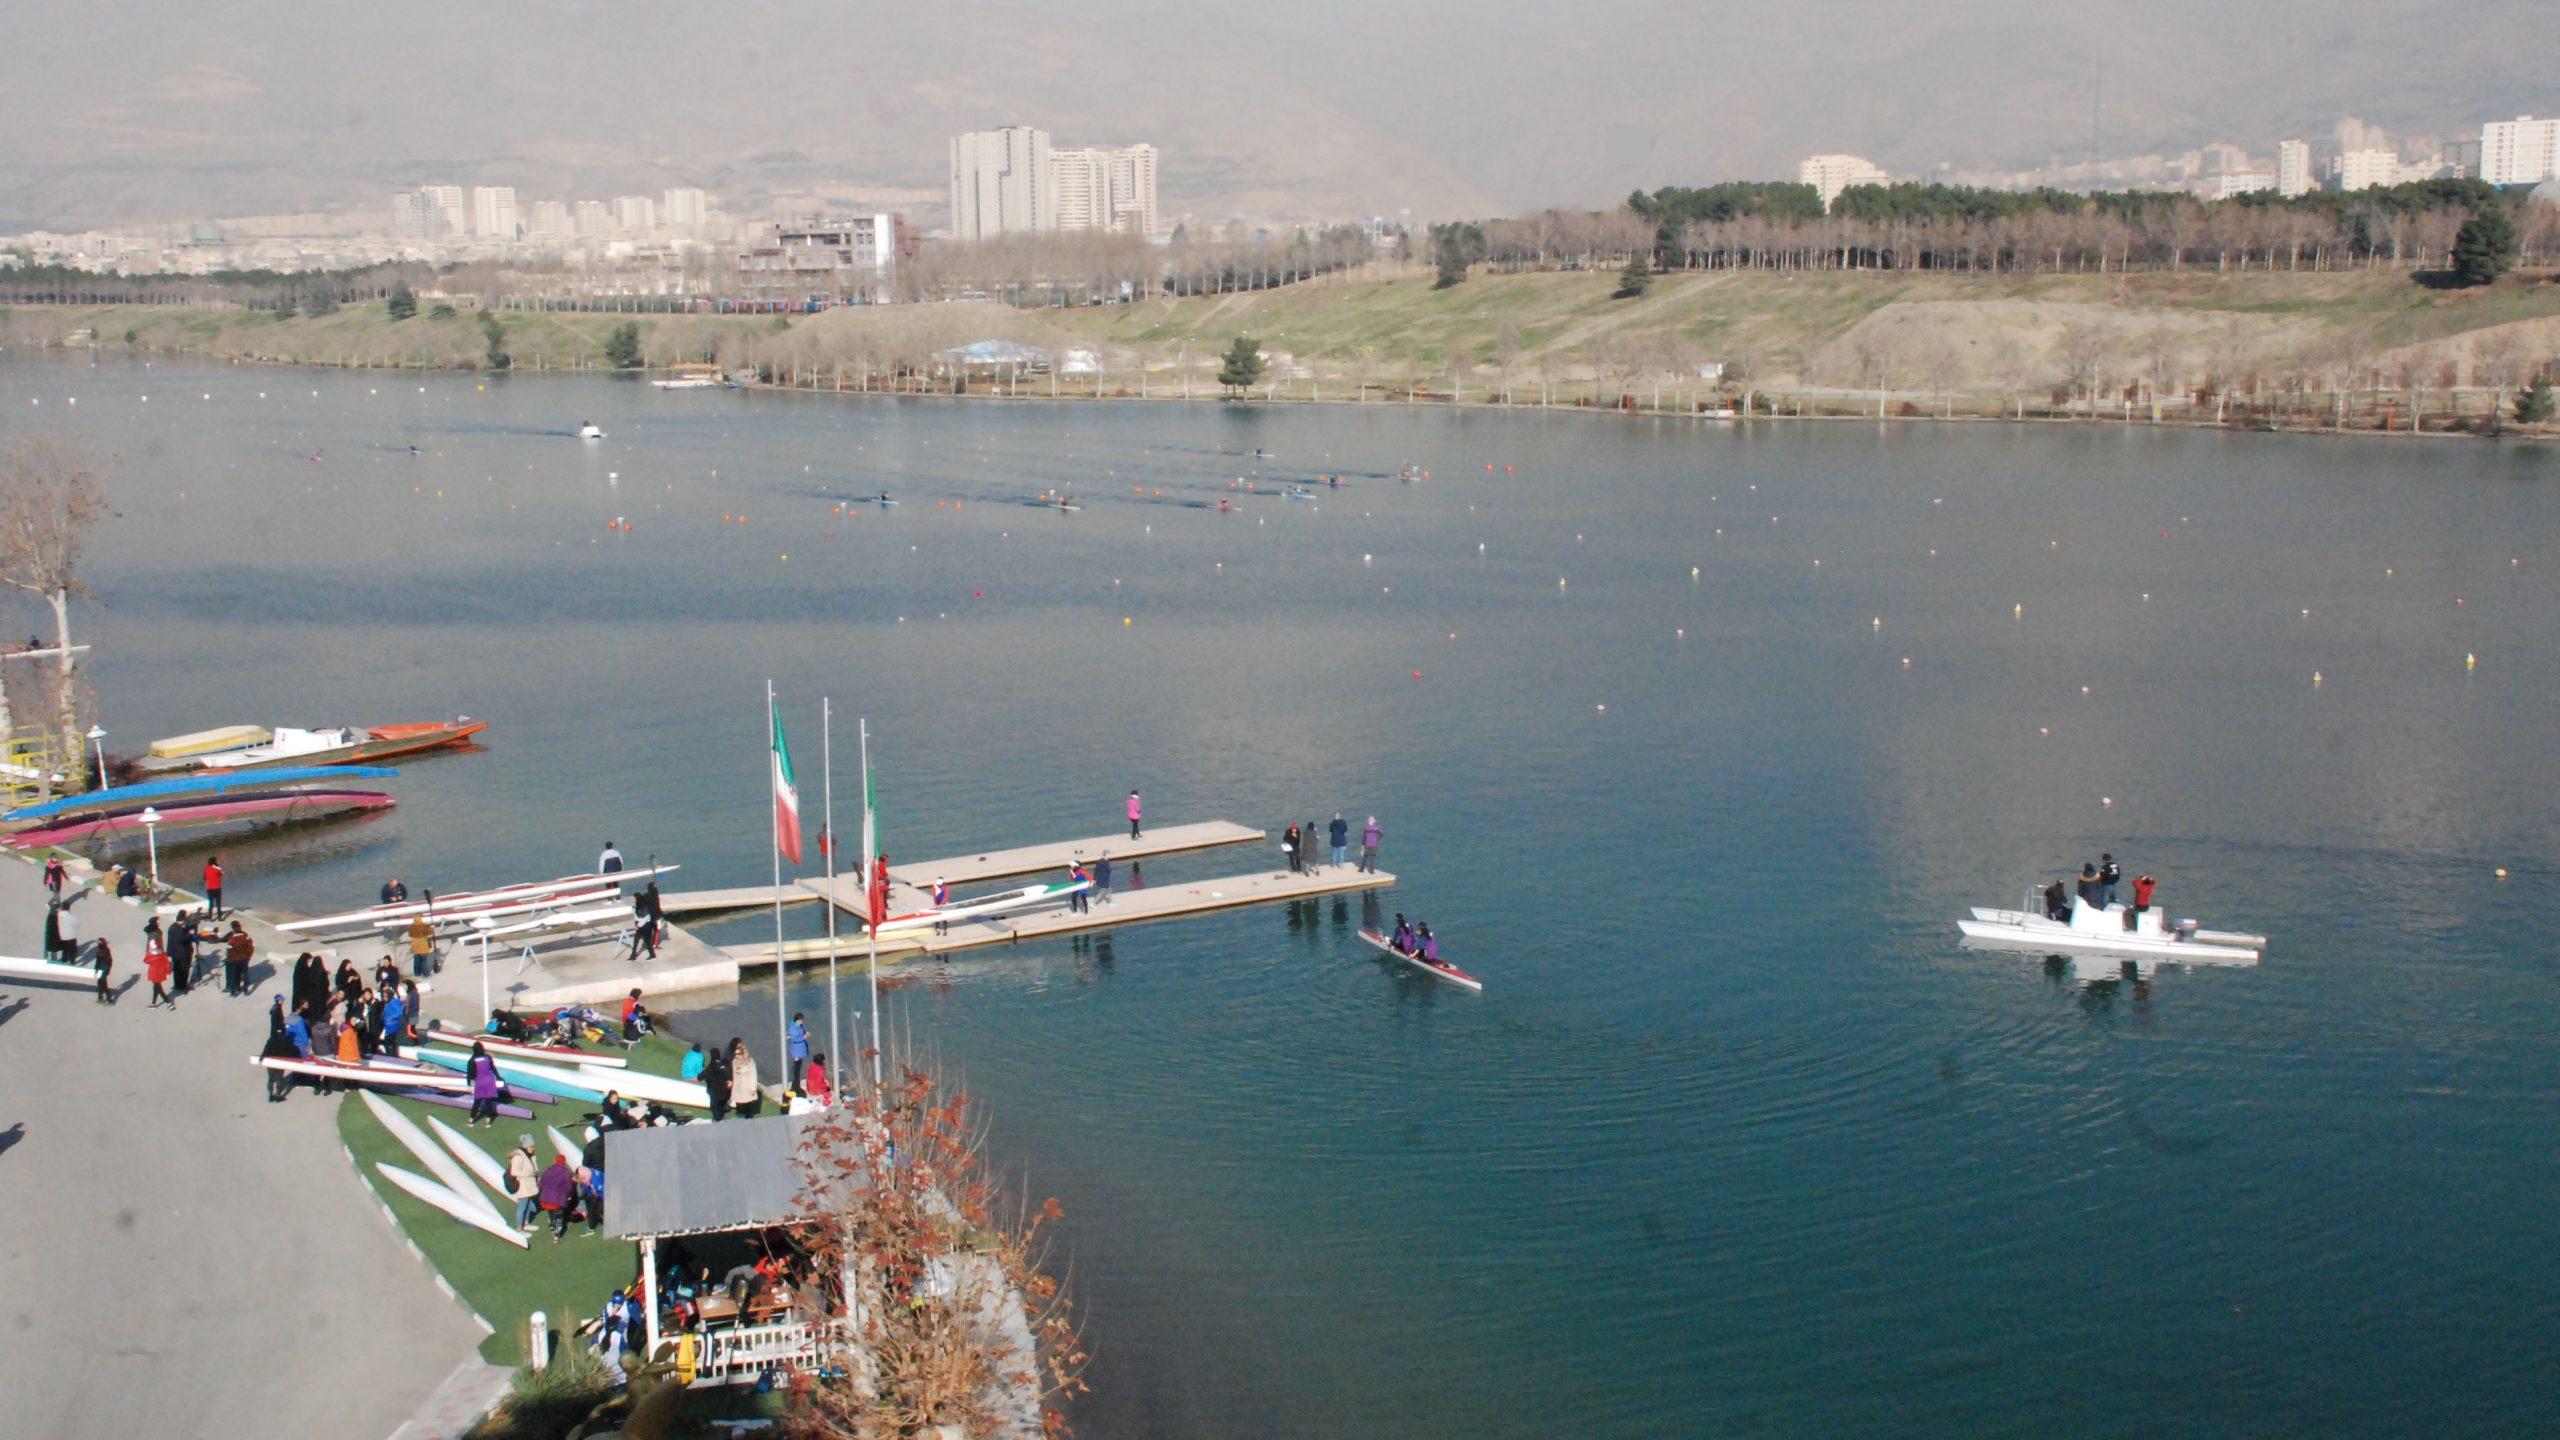 برنامه مسابقات قهرمانی کشور آبهای آرام اعلام شد